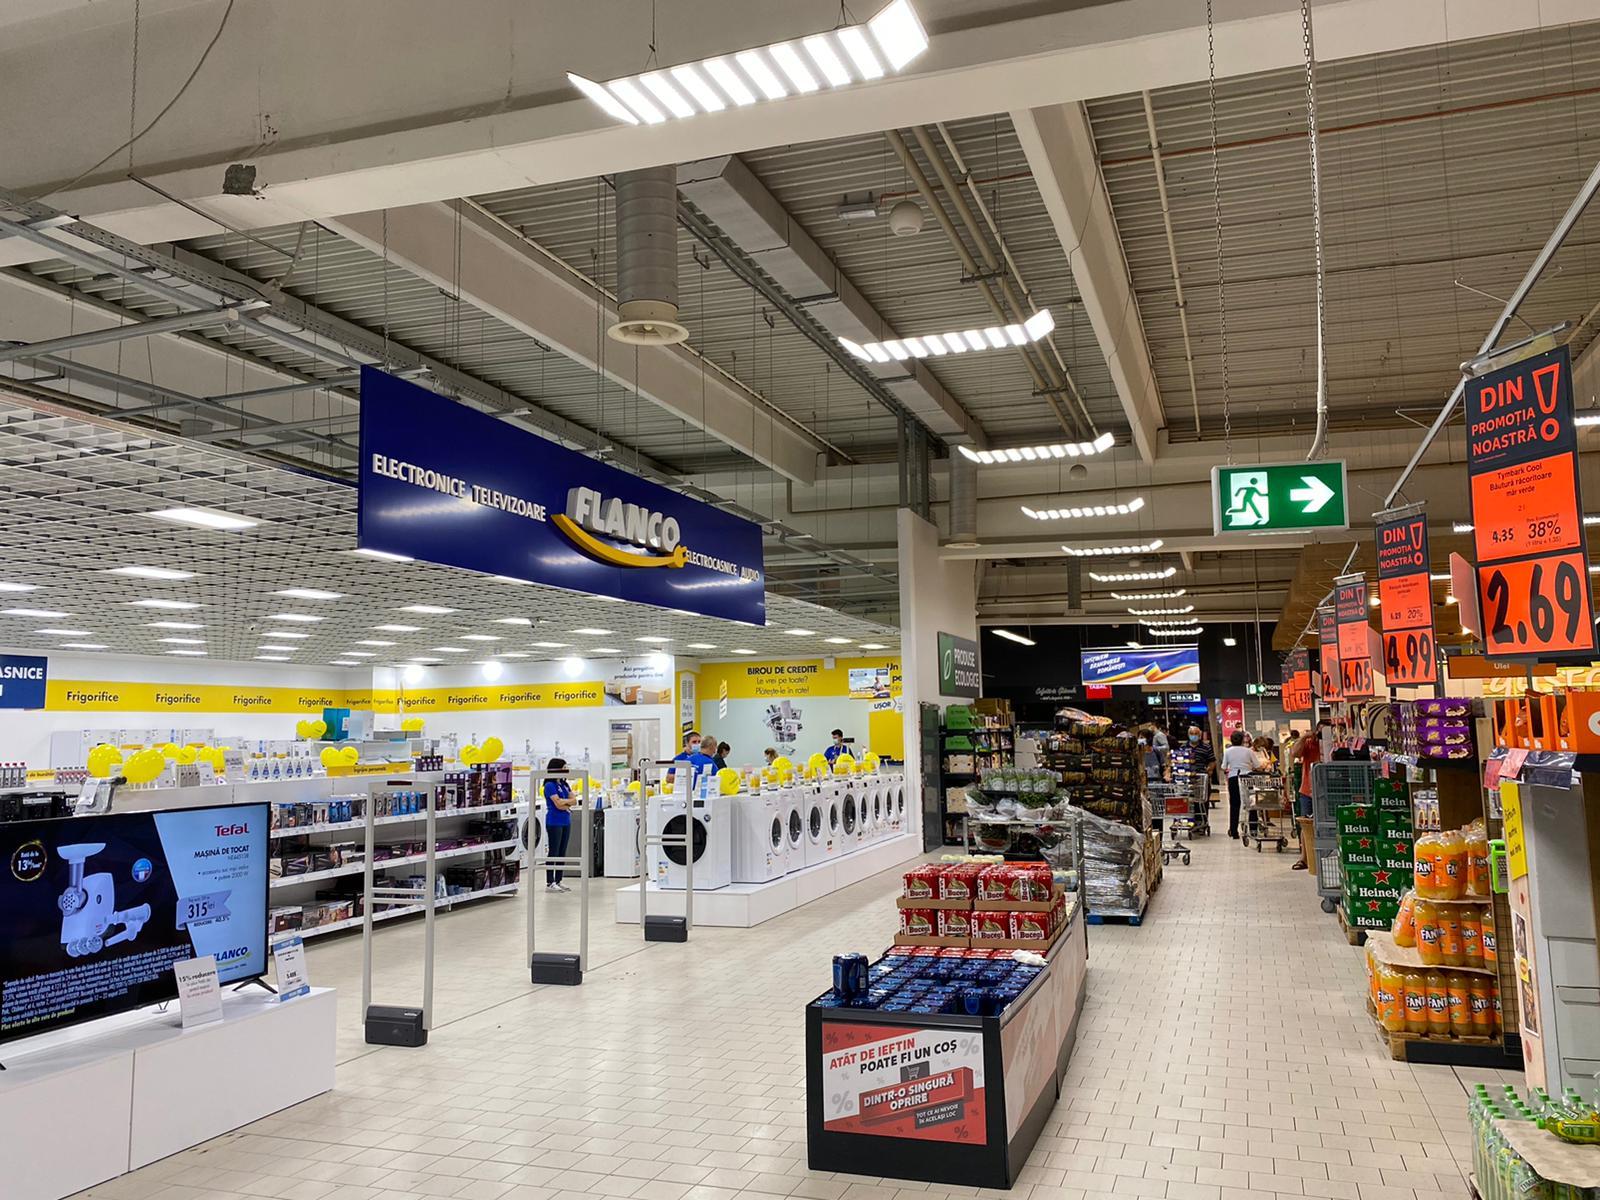 Flanco a deschis primul shop-in-shop în parteneriat cu Kaufland, în Târgu Jiu